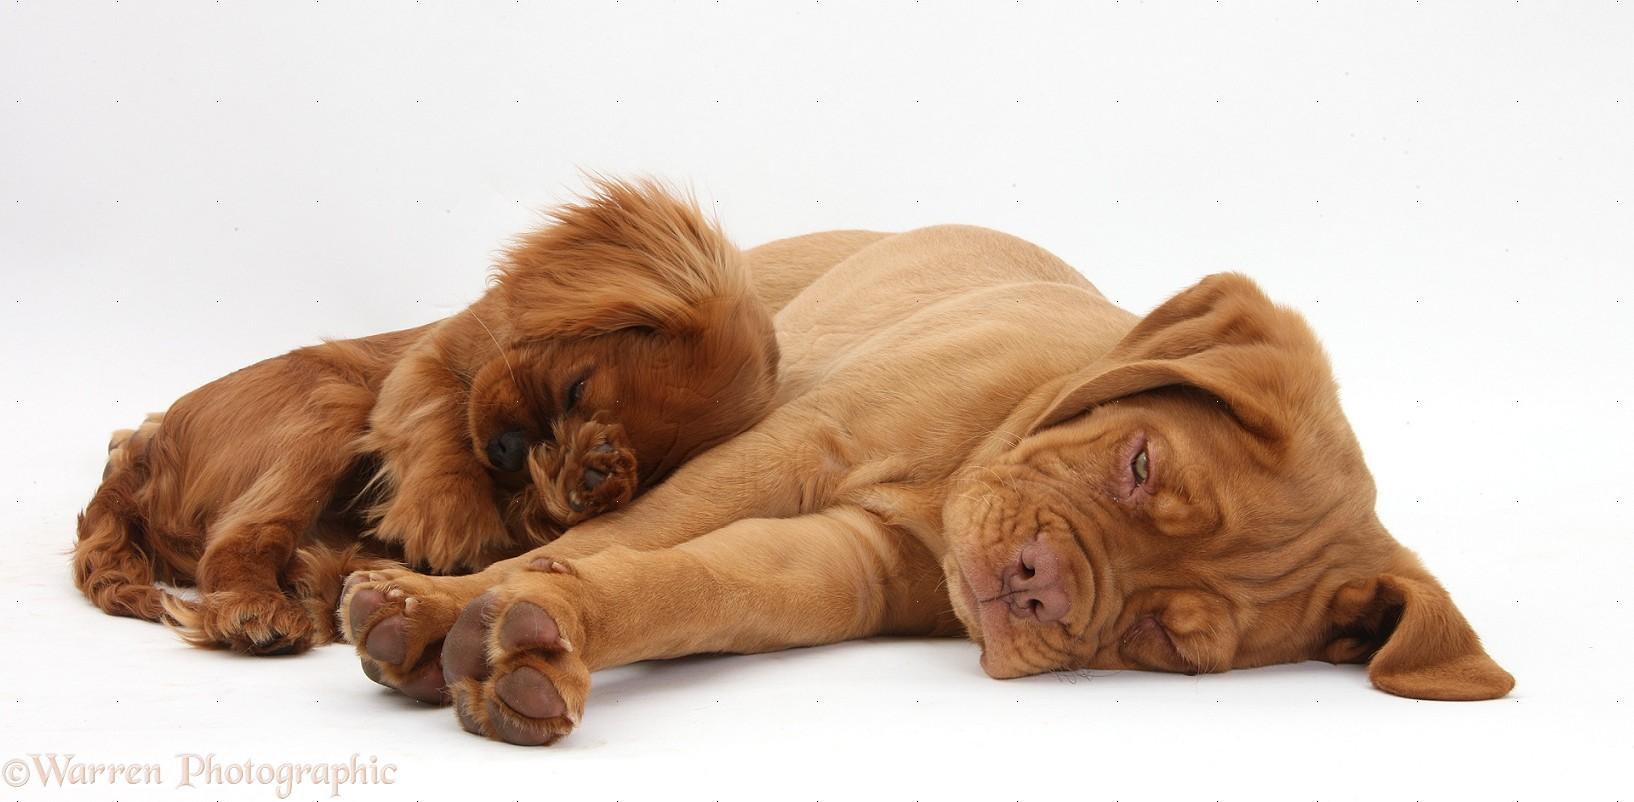 Dogue de Bordeaux pup and ruby Cavalier photo WP33920